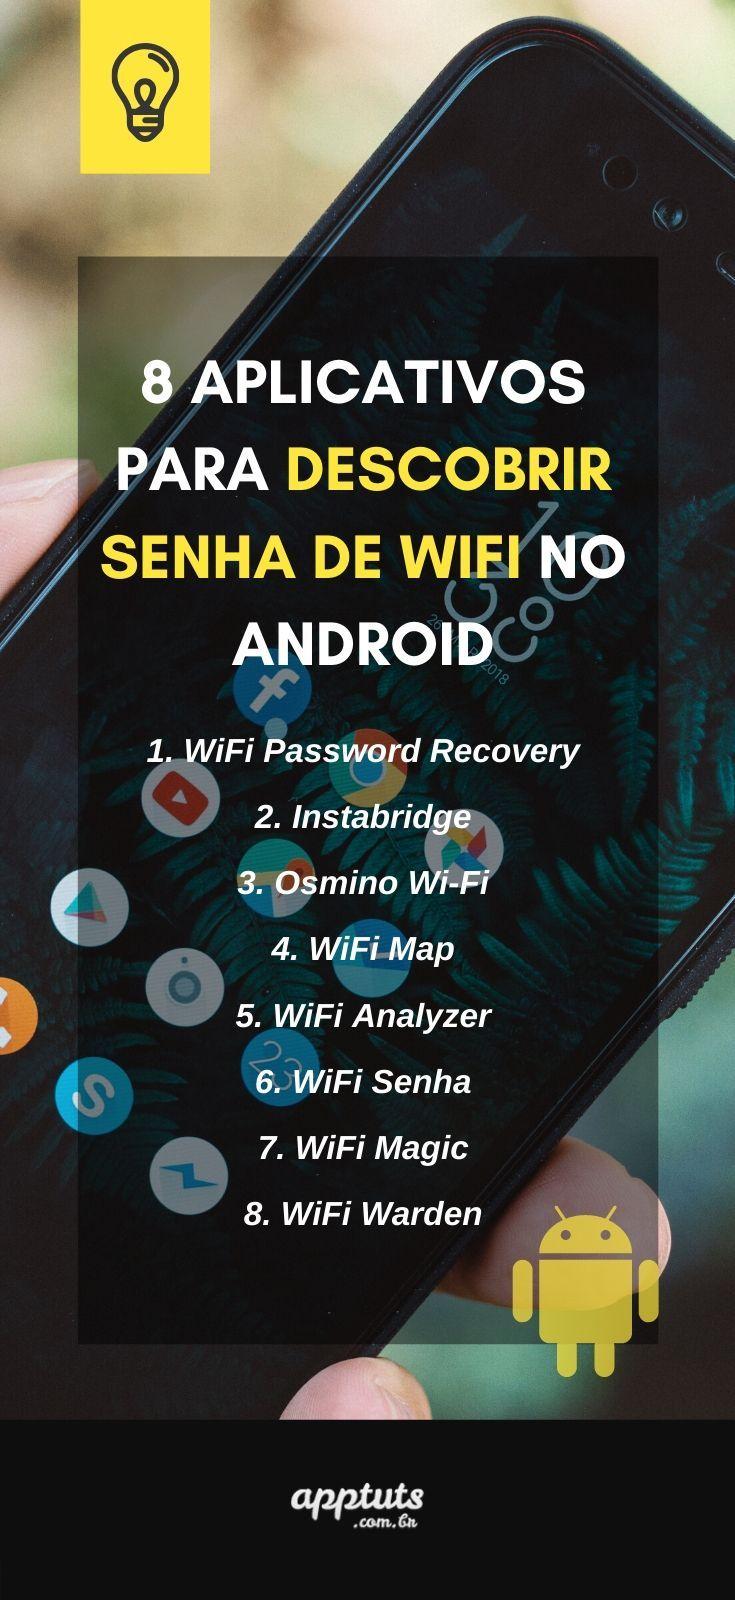 Confira Uma Lista De 8 Aplicativos Para Descobrir A Senha Do Wifi